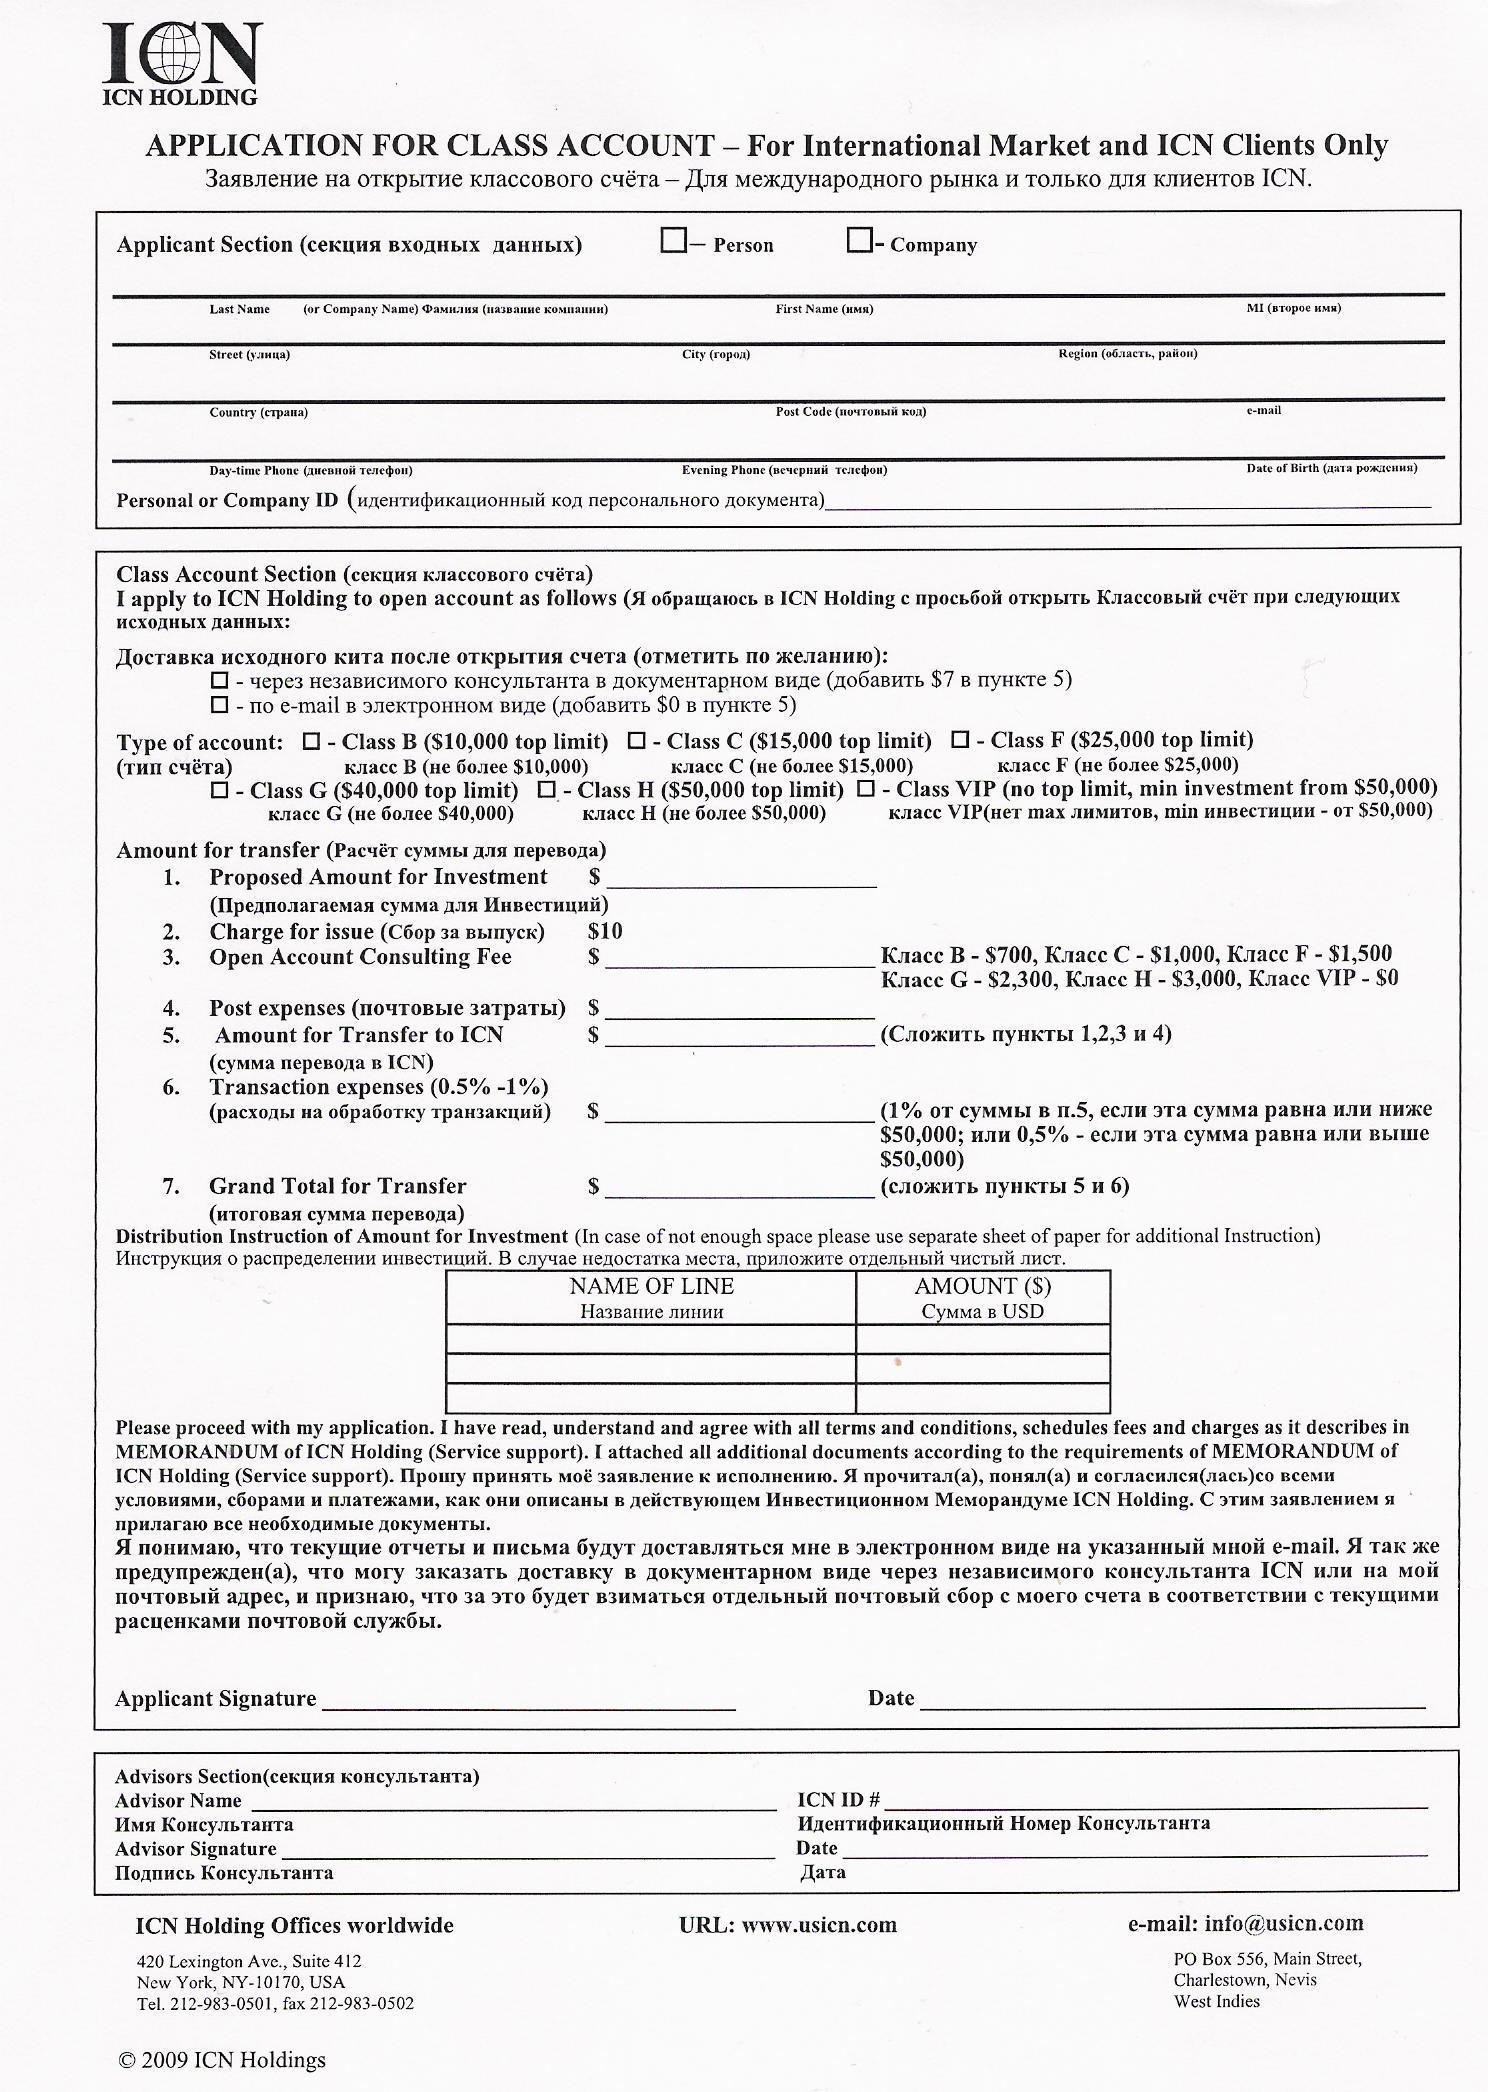 Пакет документов для открытия инвестиционного классового счета